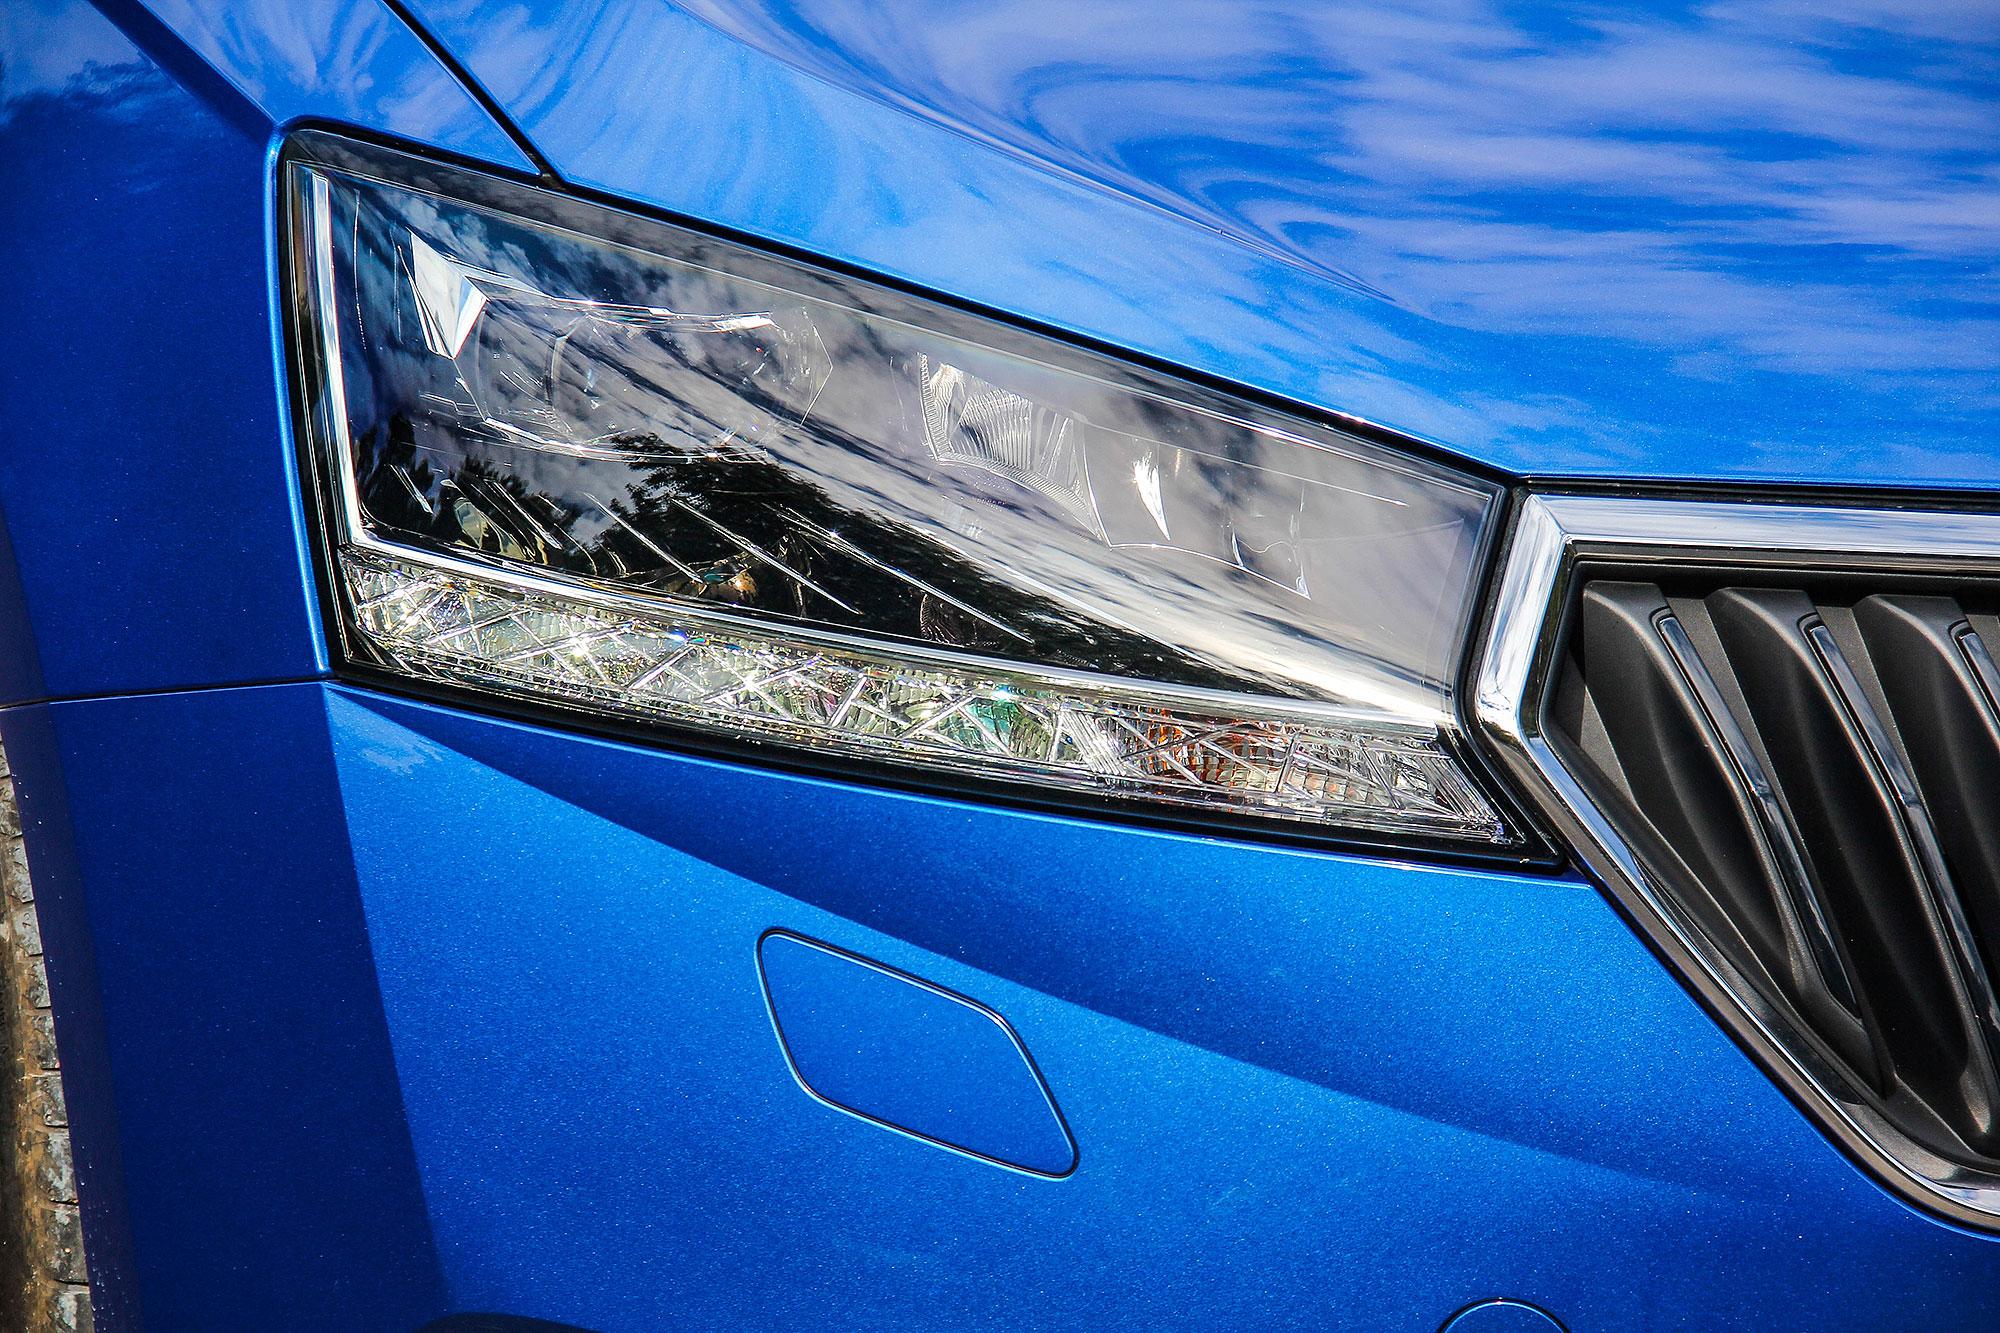 全 LED 頭燈以及前霧燈先前都是需加價選配的魅力套件之一部份。